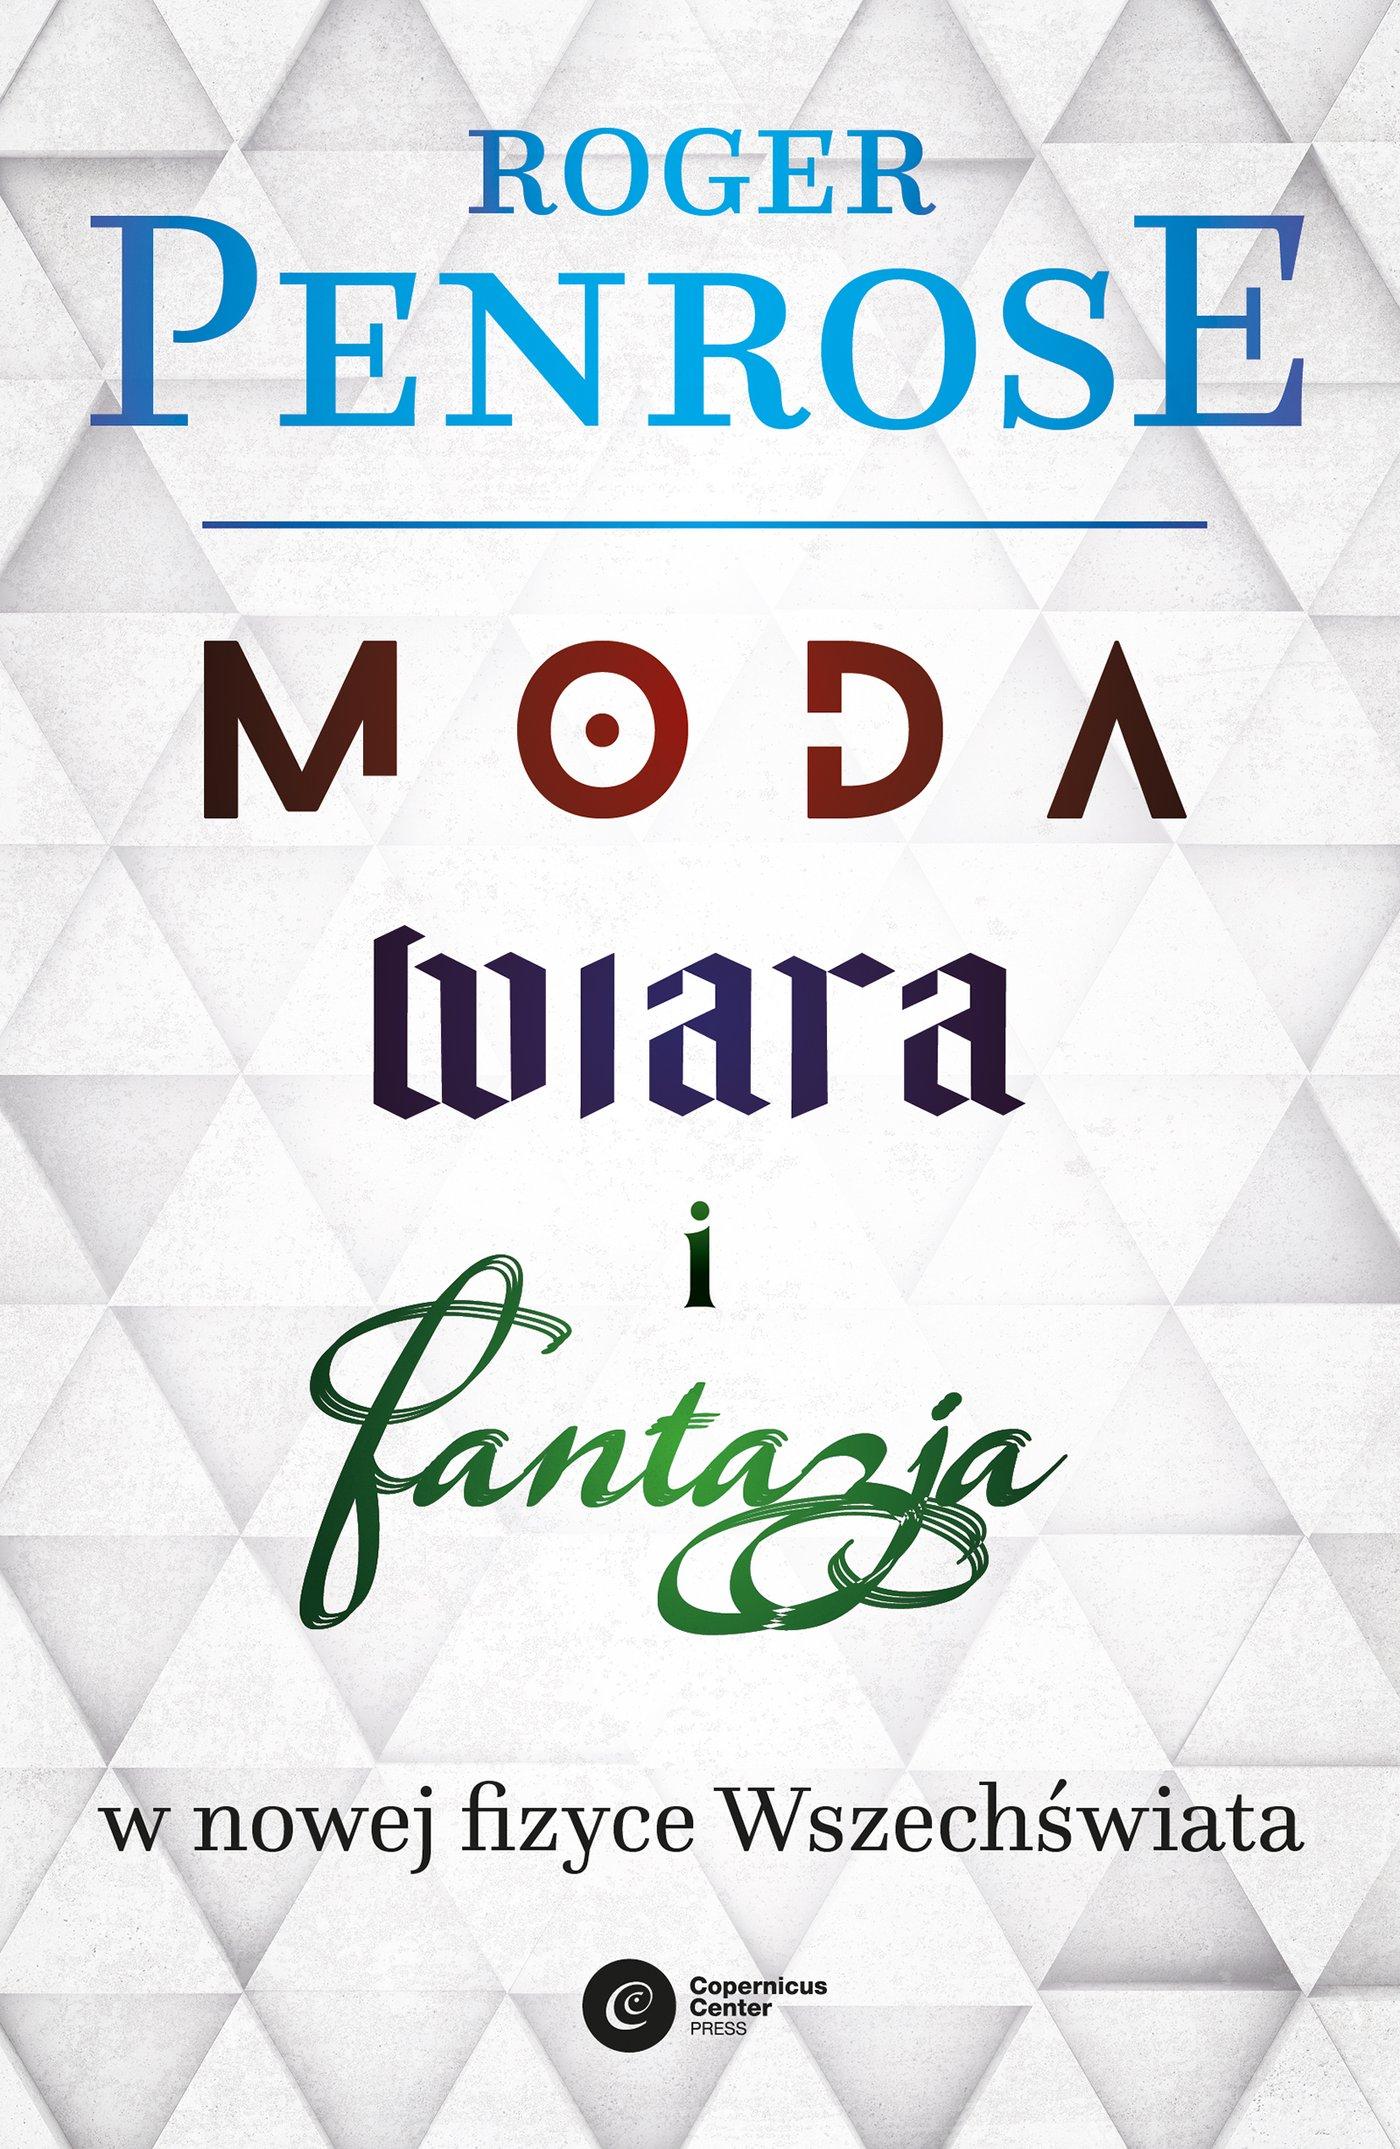 Moda, wiara i fantazja we współczesnej fizyce Wszechświata - Ebook (Książka na Kindle) do pobrania w formacie MOBI